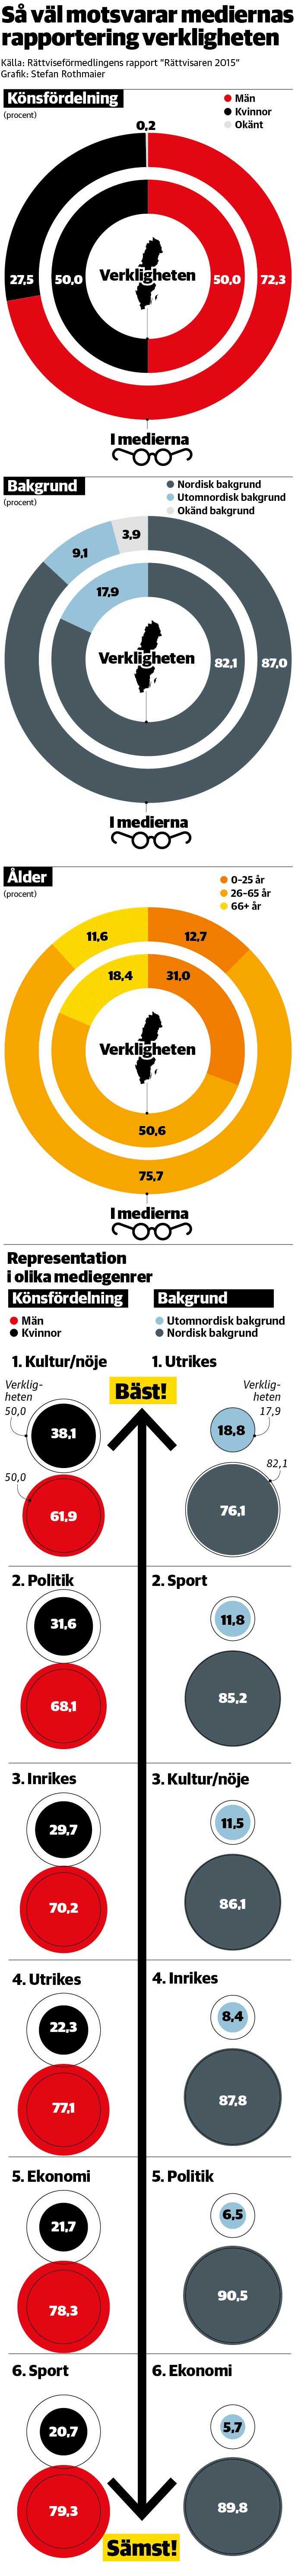 Medierna speglar inte hela Sverige - DN.SE